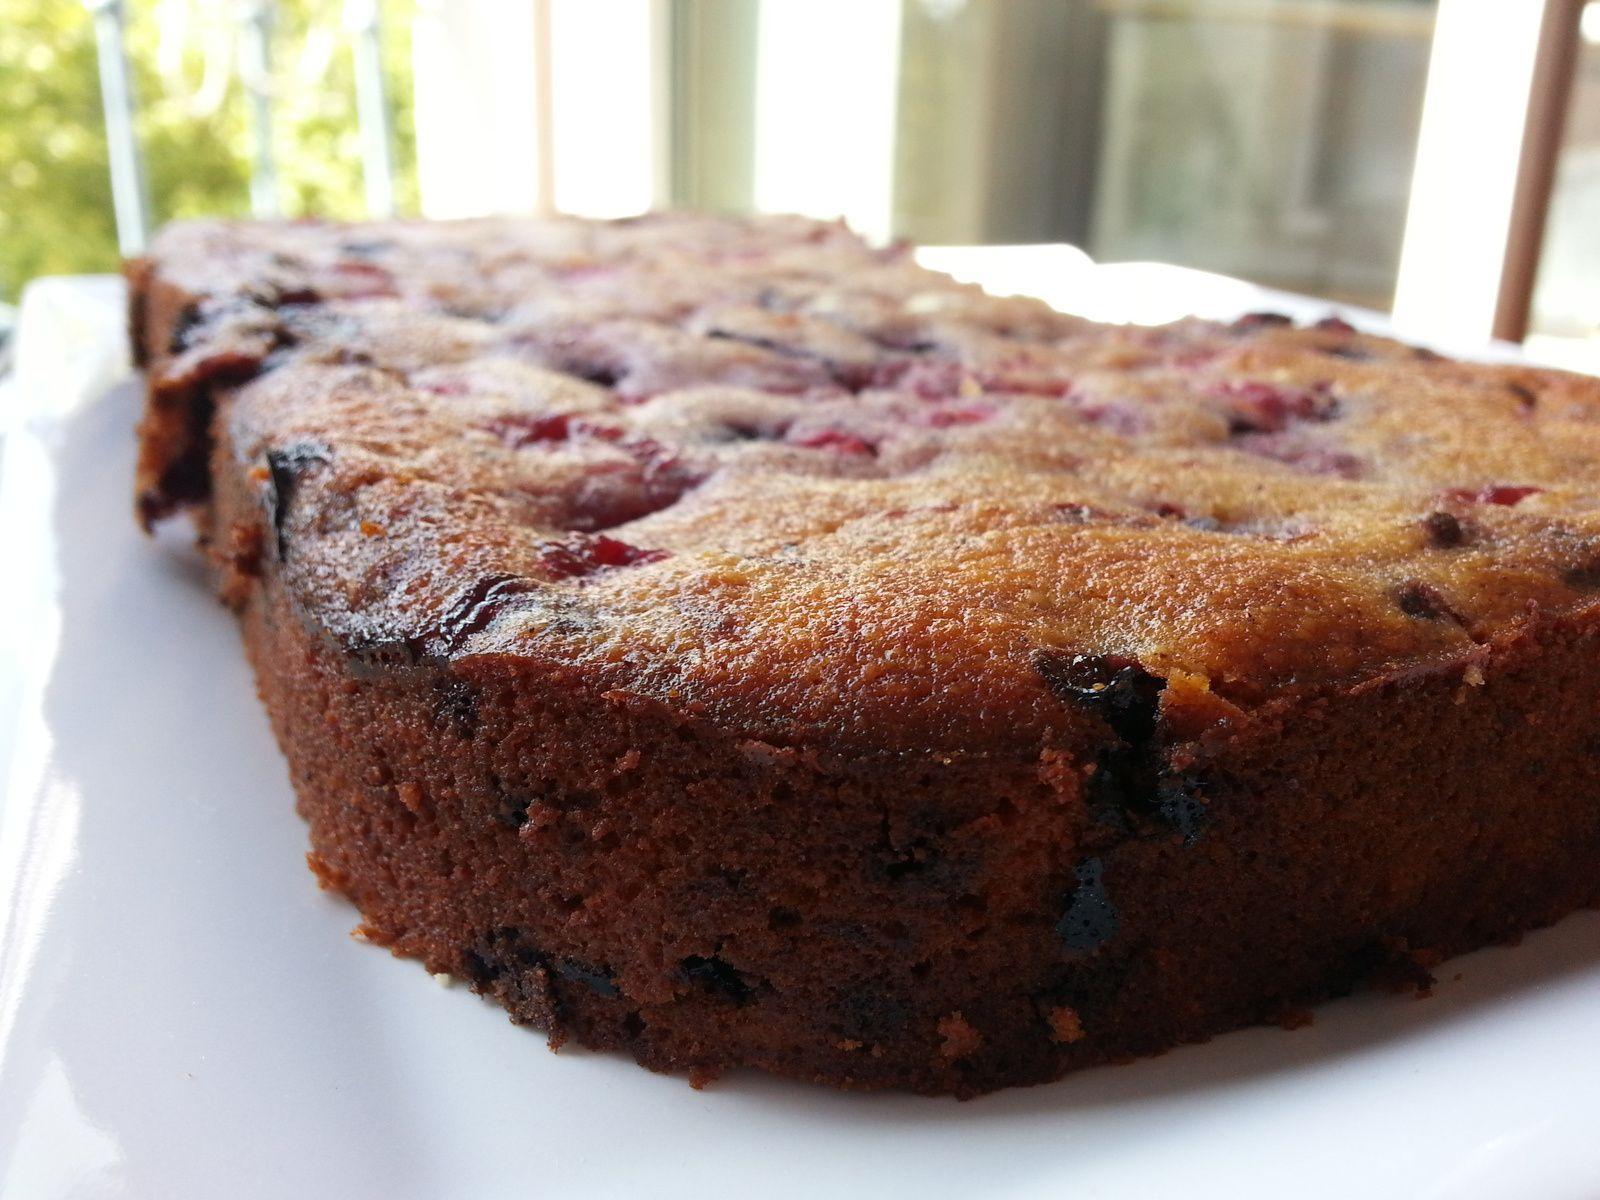 Gâteau fondant aux fruits rouges / amandes (pour utiliser des blancs d'oeufs)  - Partenariat My Cakemart